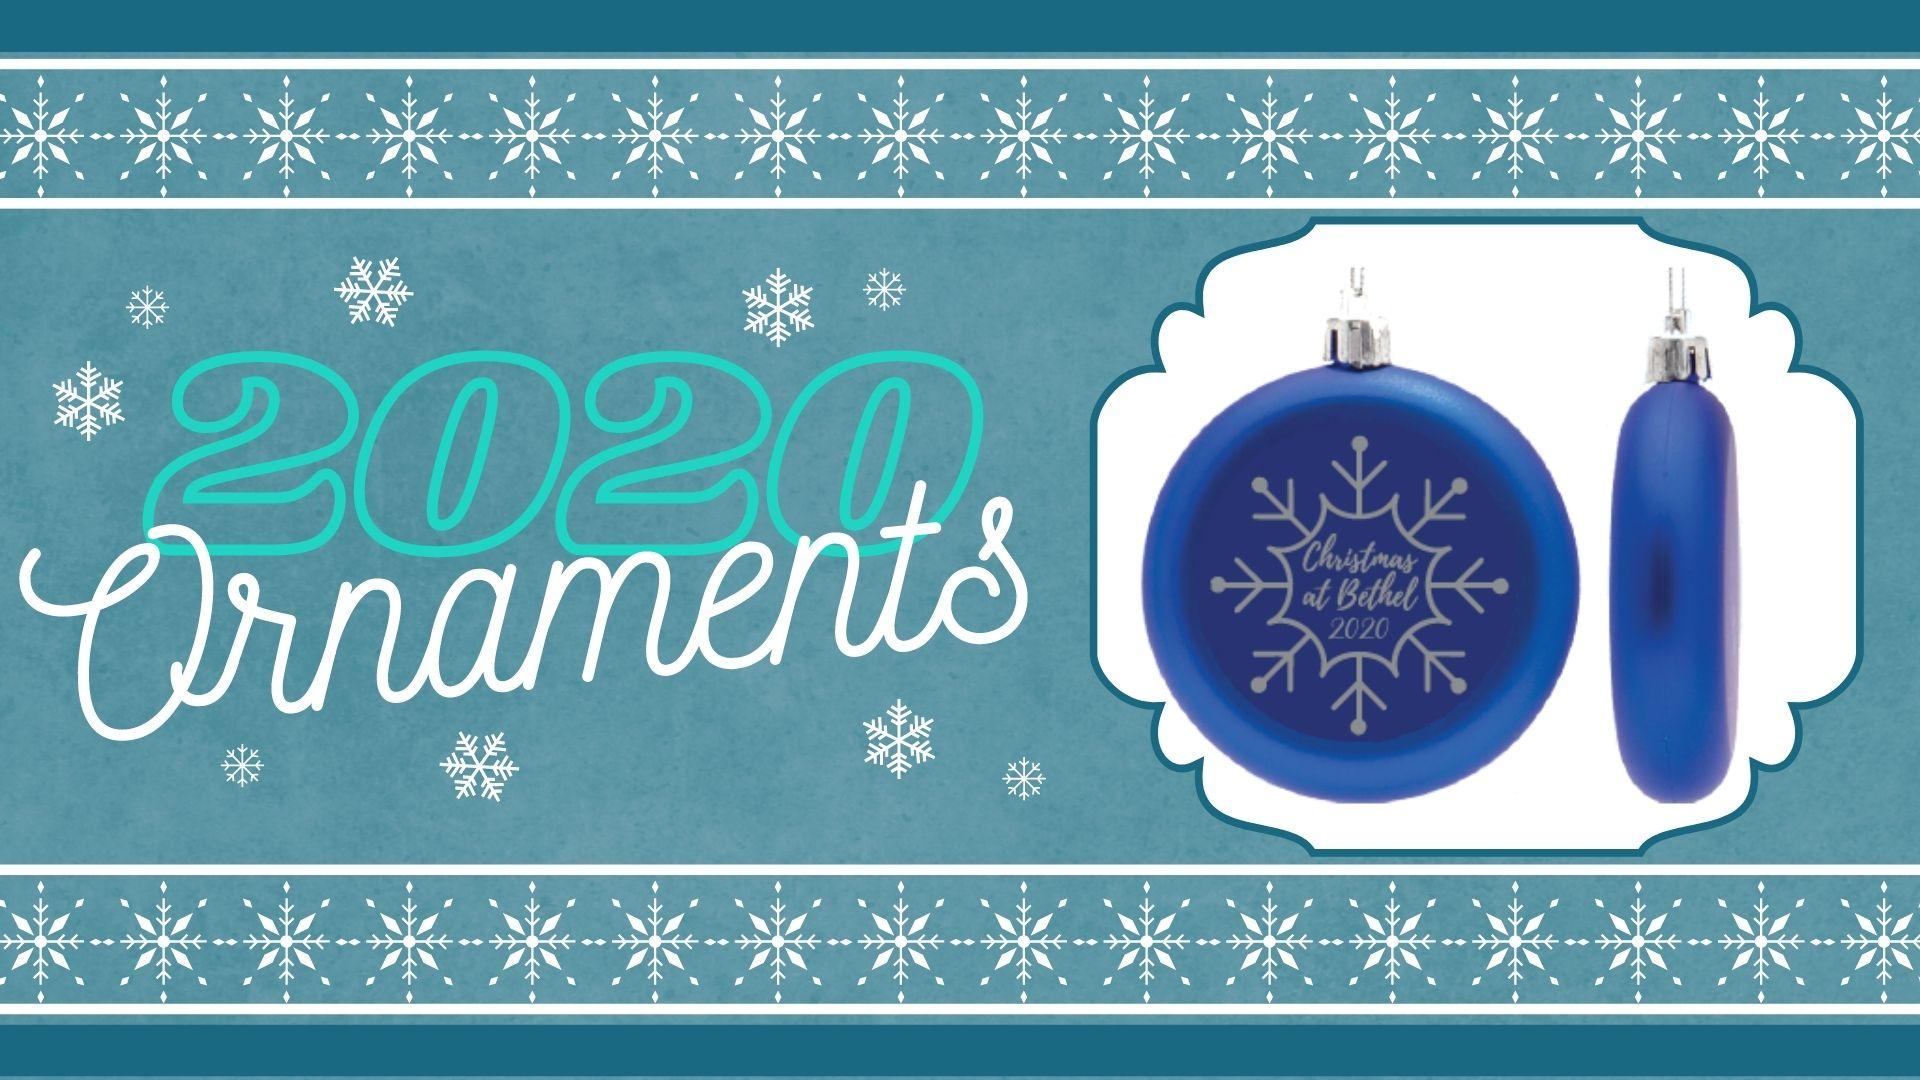 Christmas at Bethel 2020 Ornaments logo